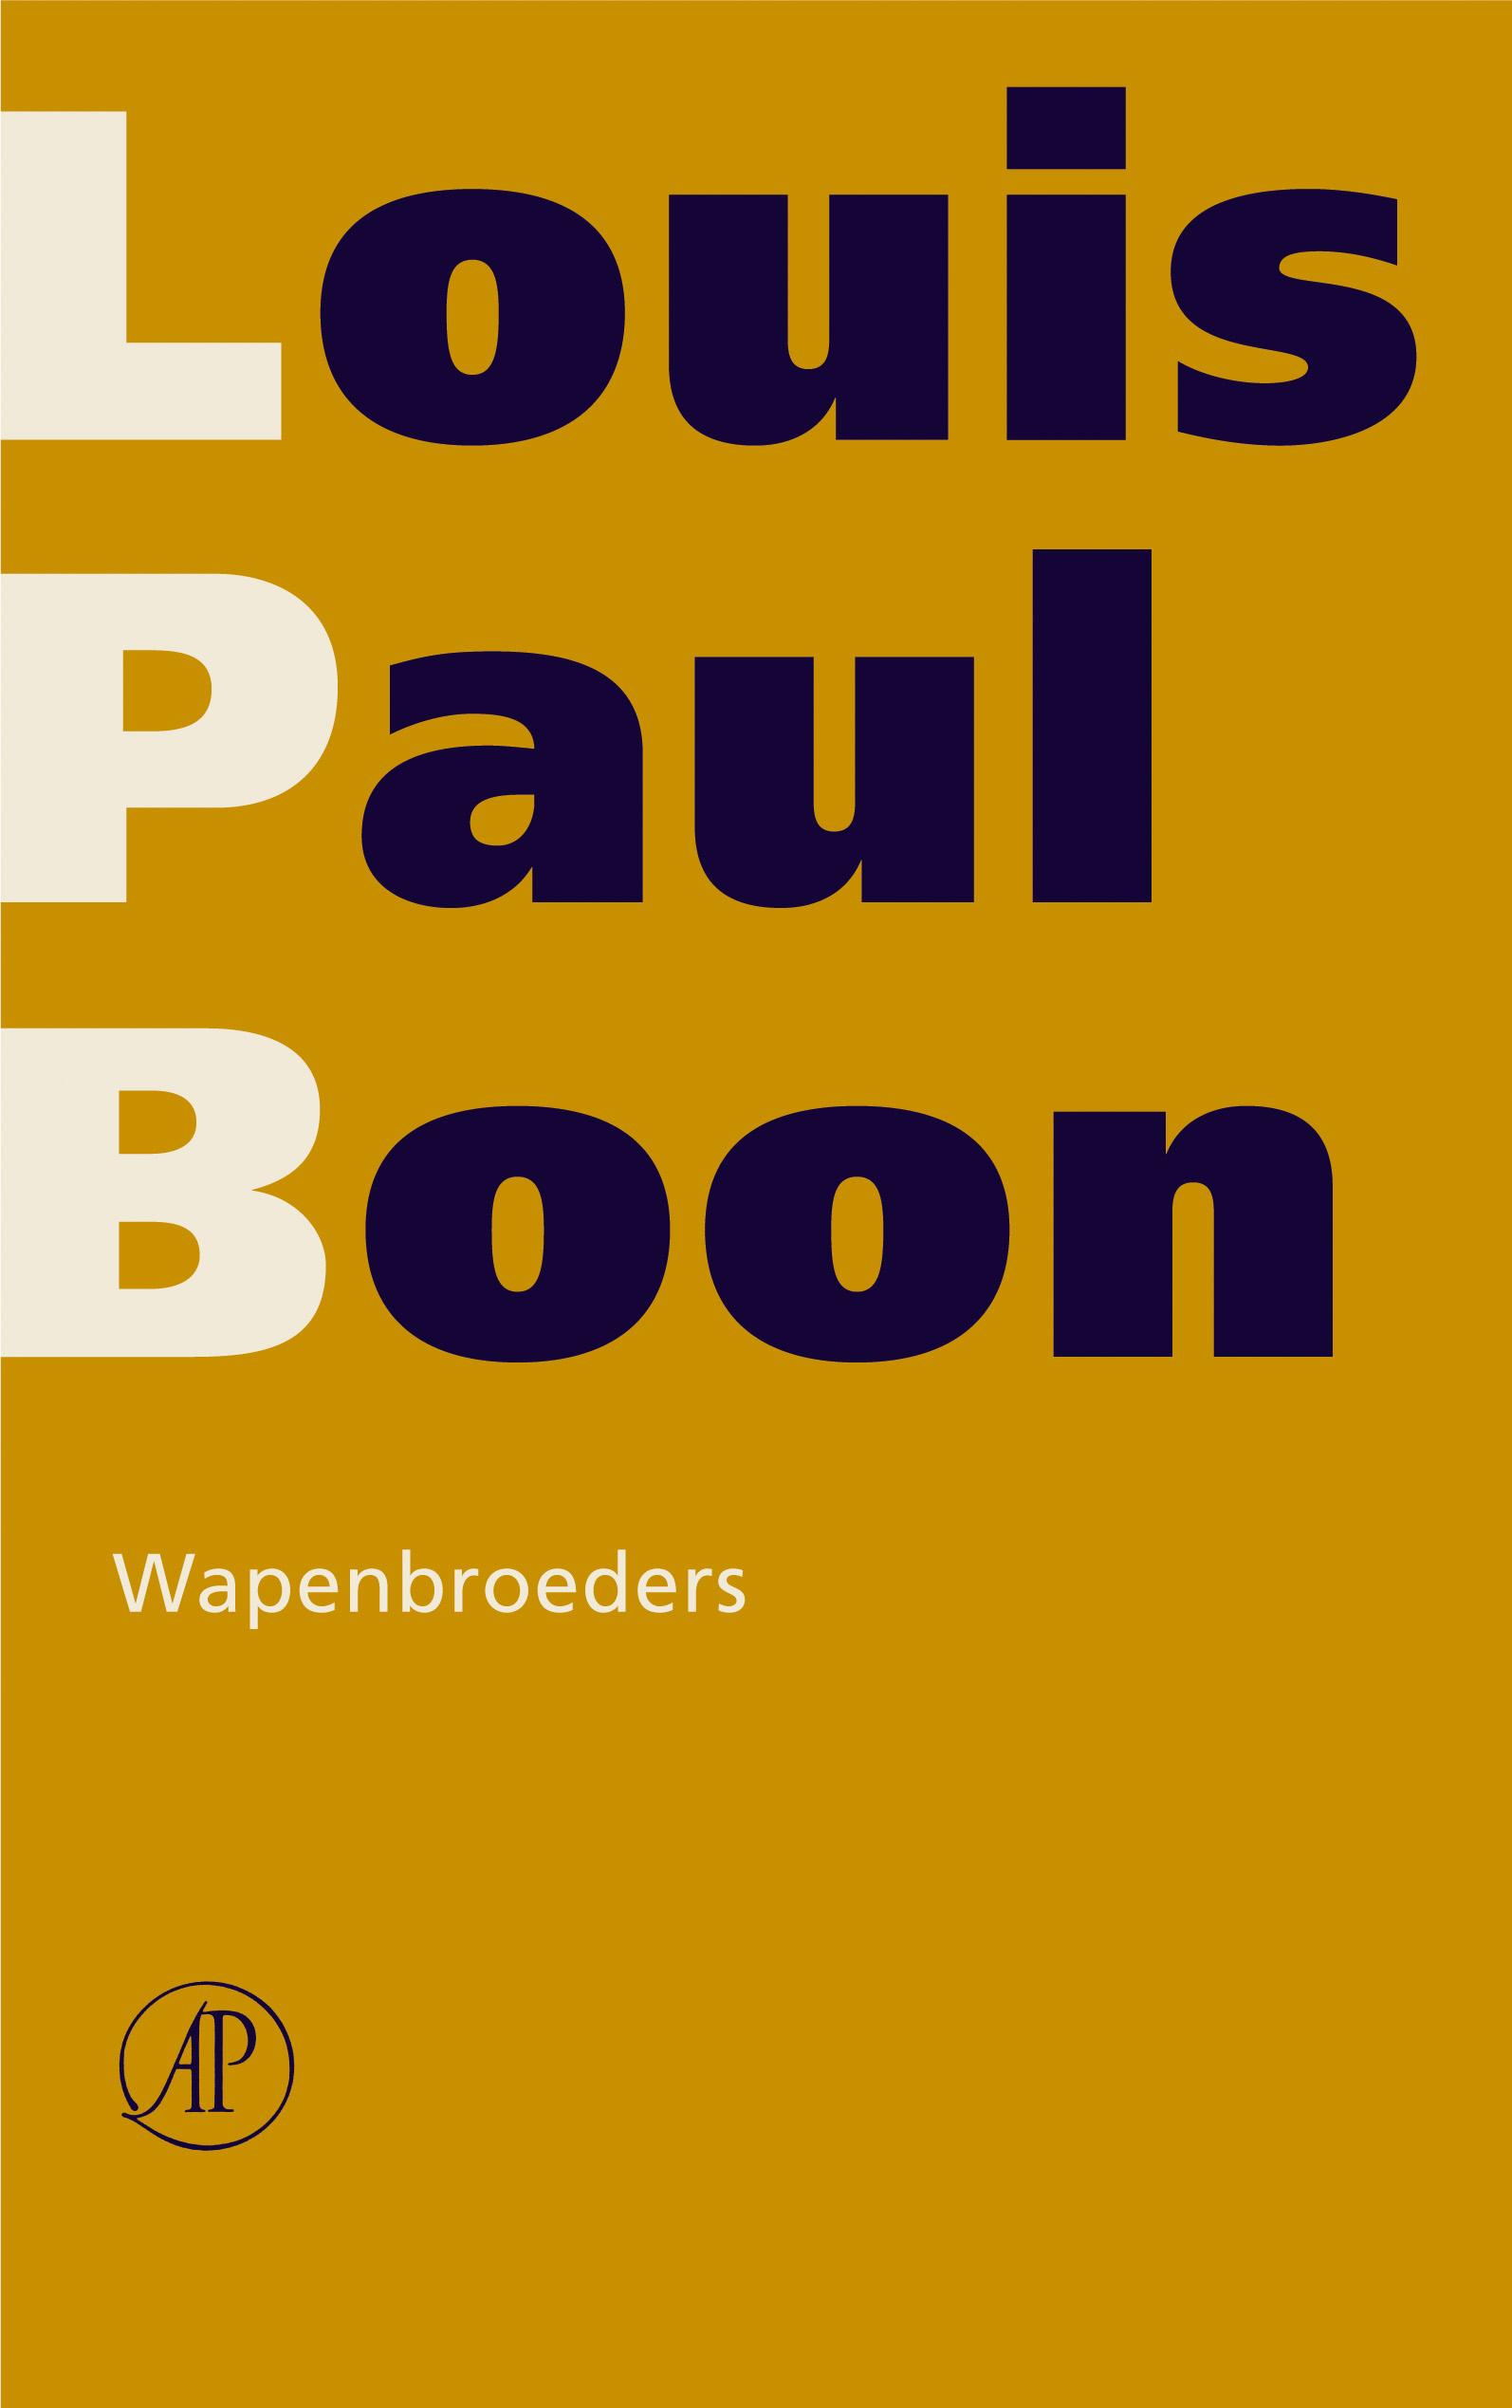 Wapenbroeders – Louis Paul Boon